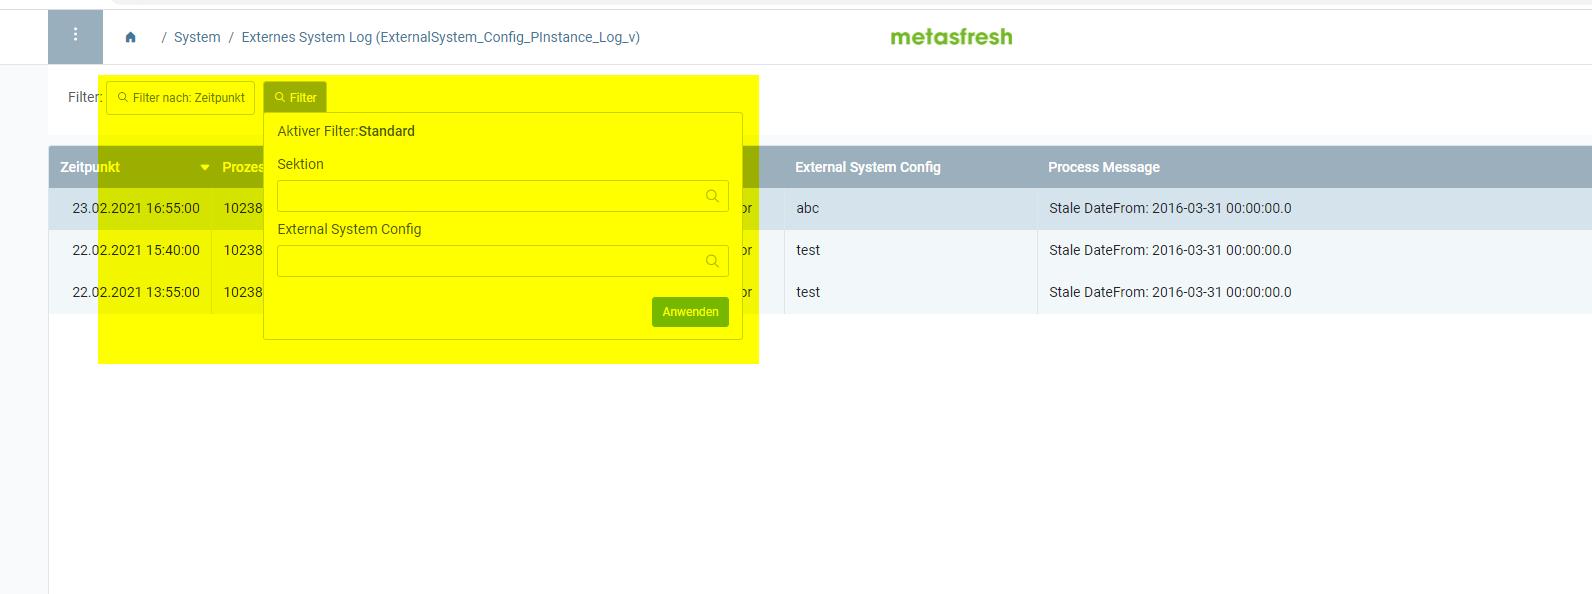 WebUI default filter